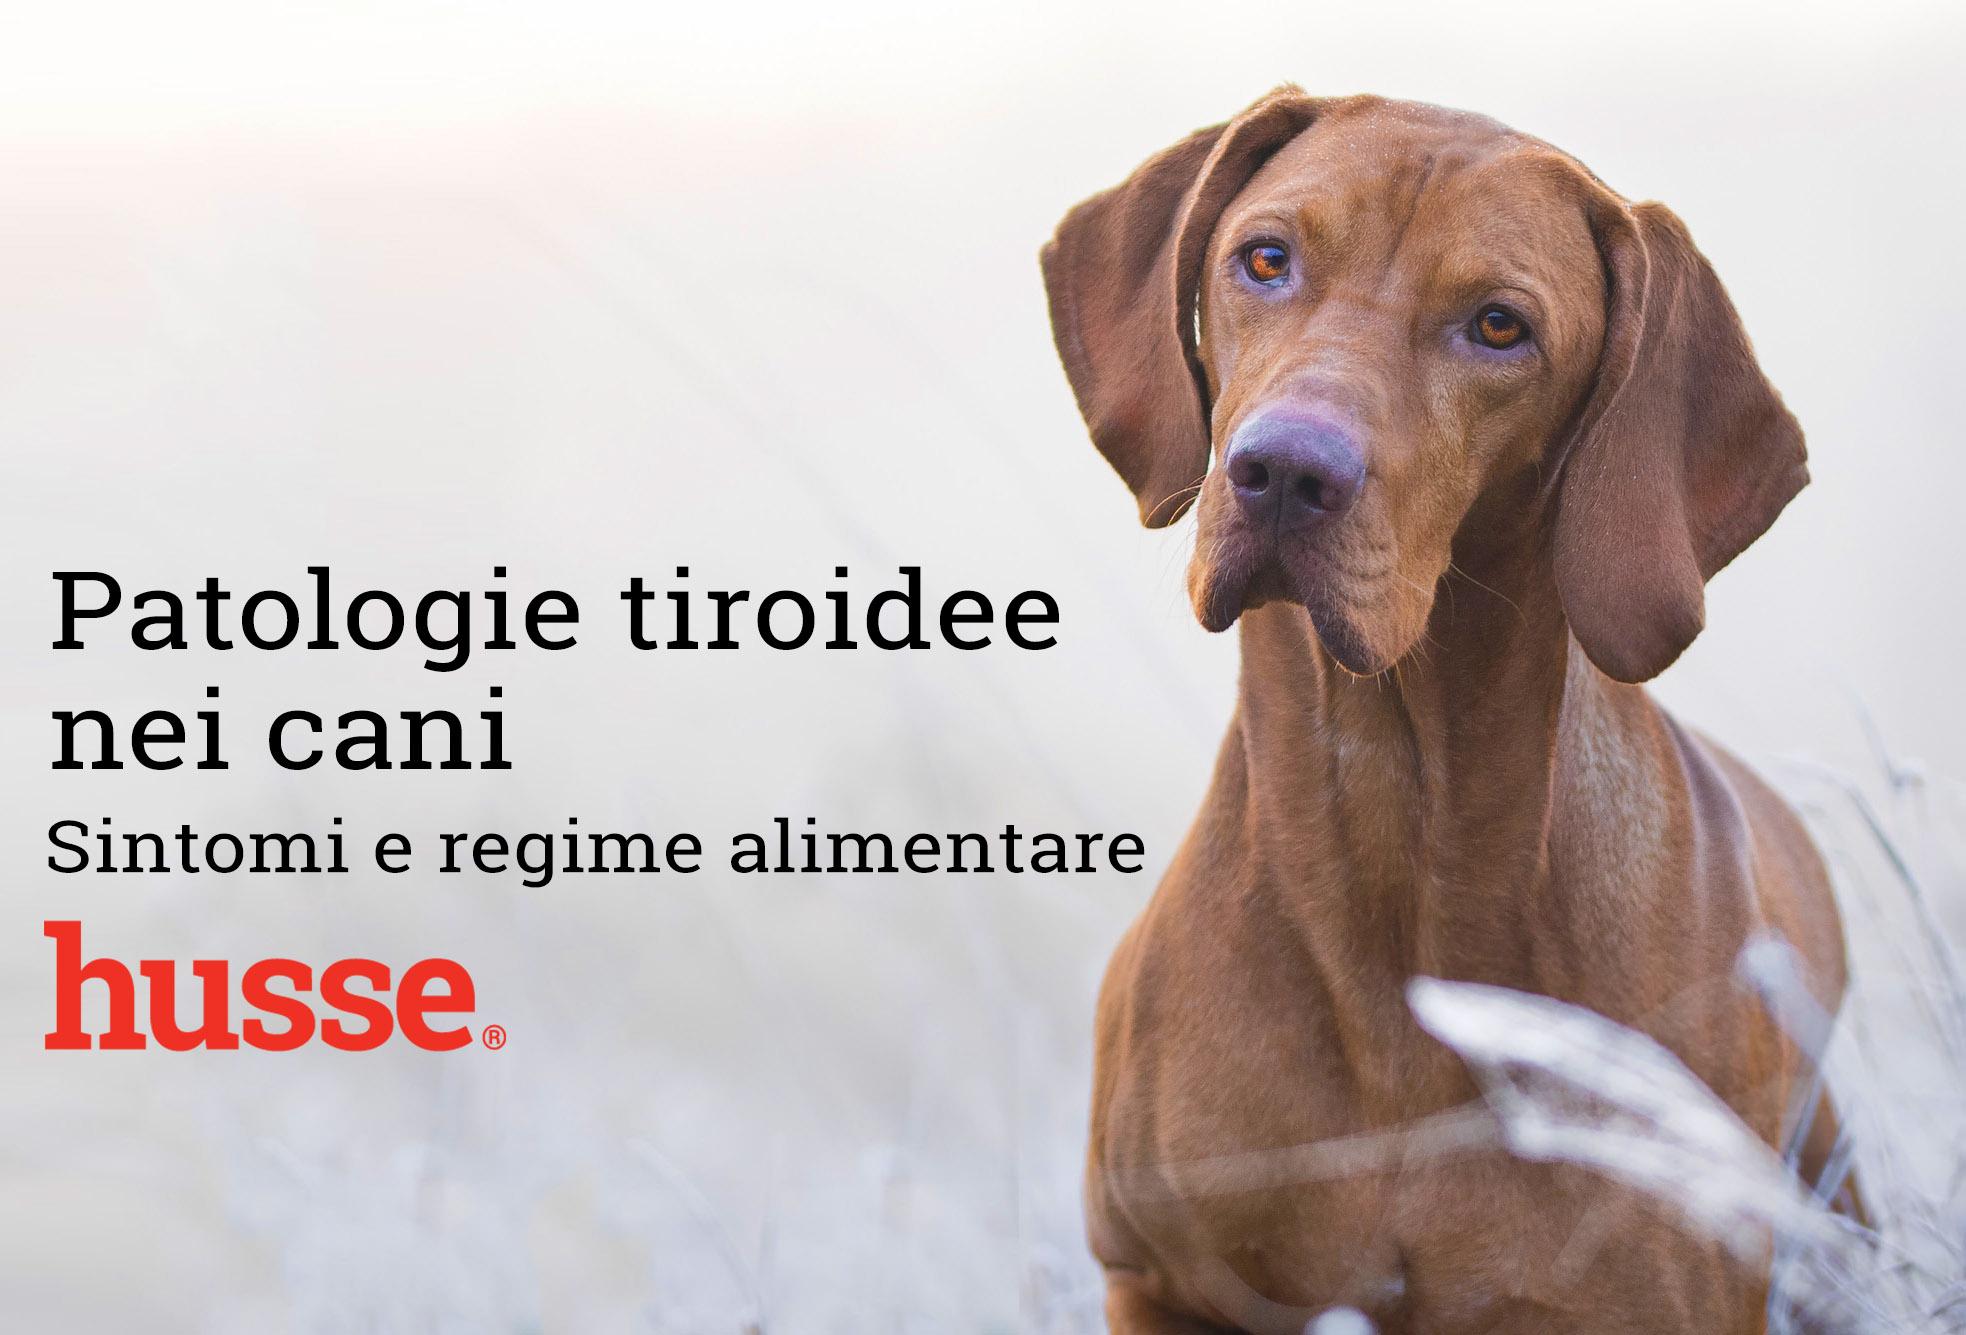 Patologie tiroidee nei cani